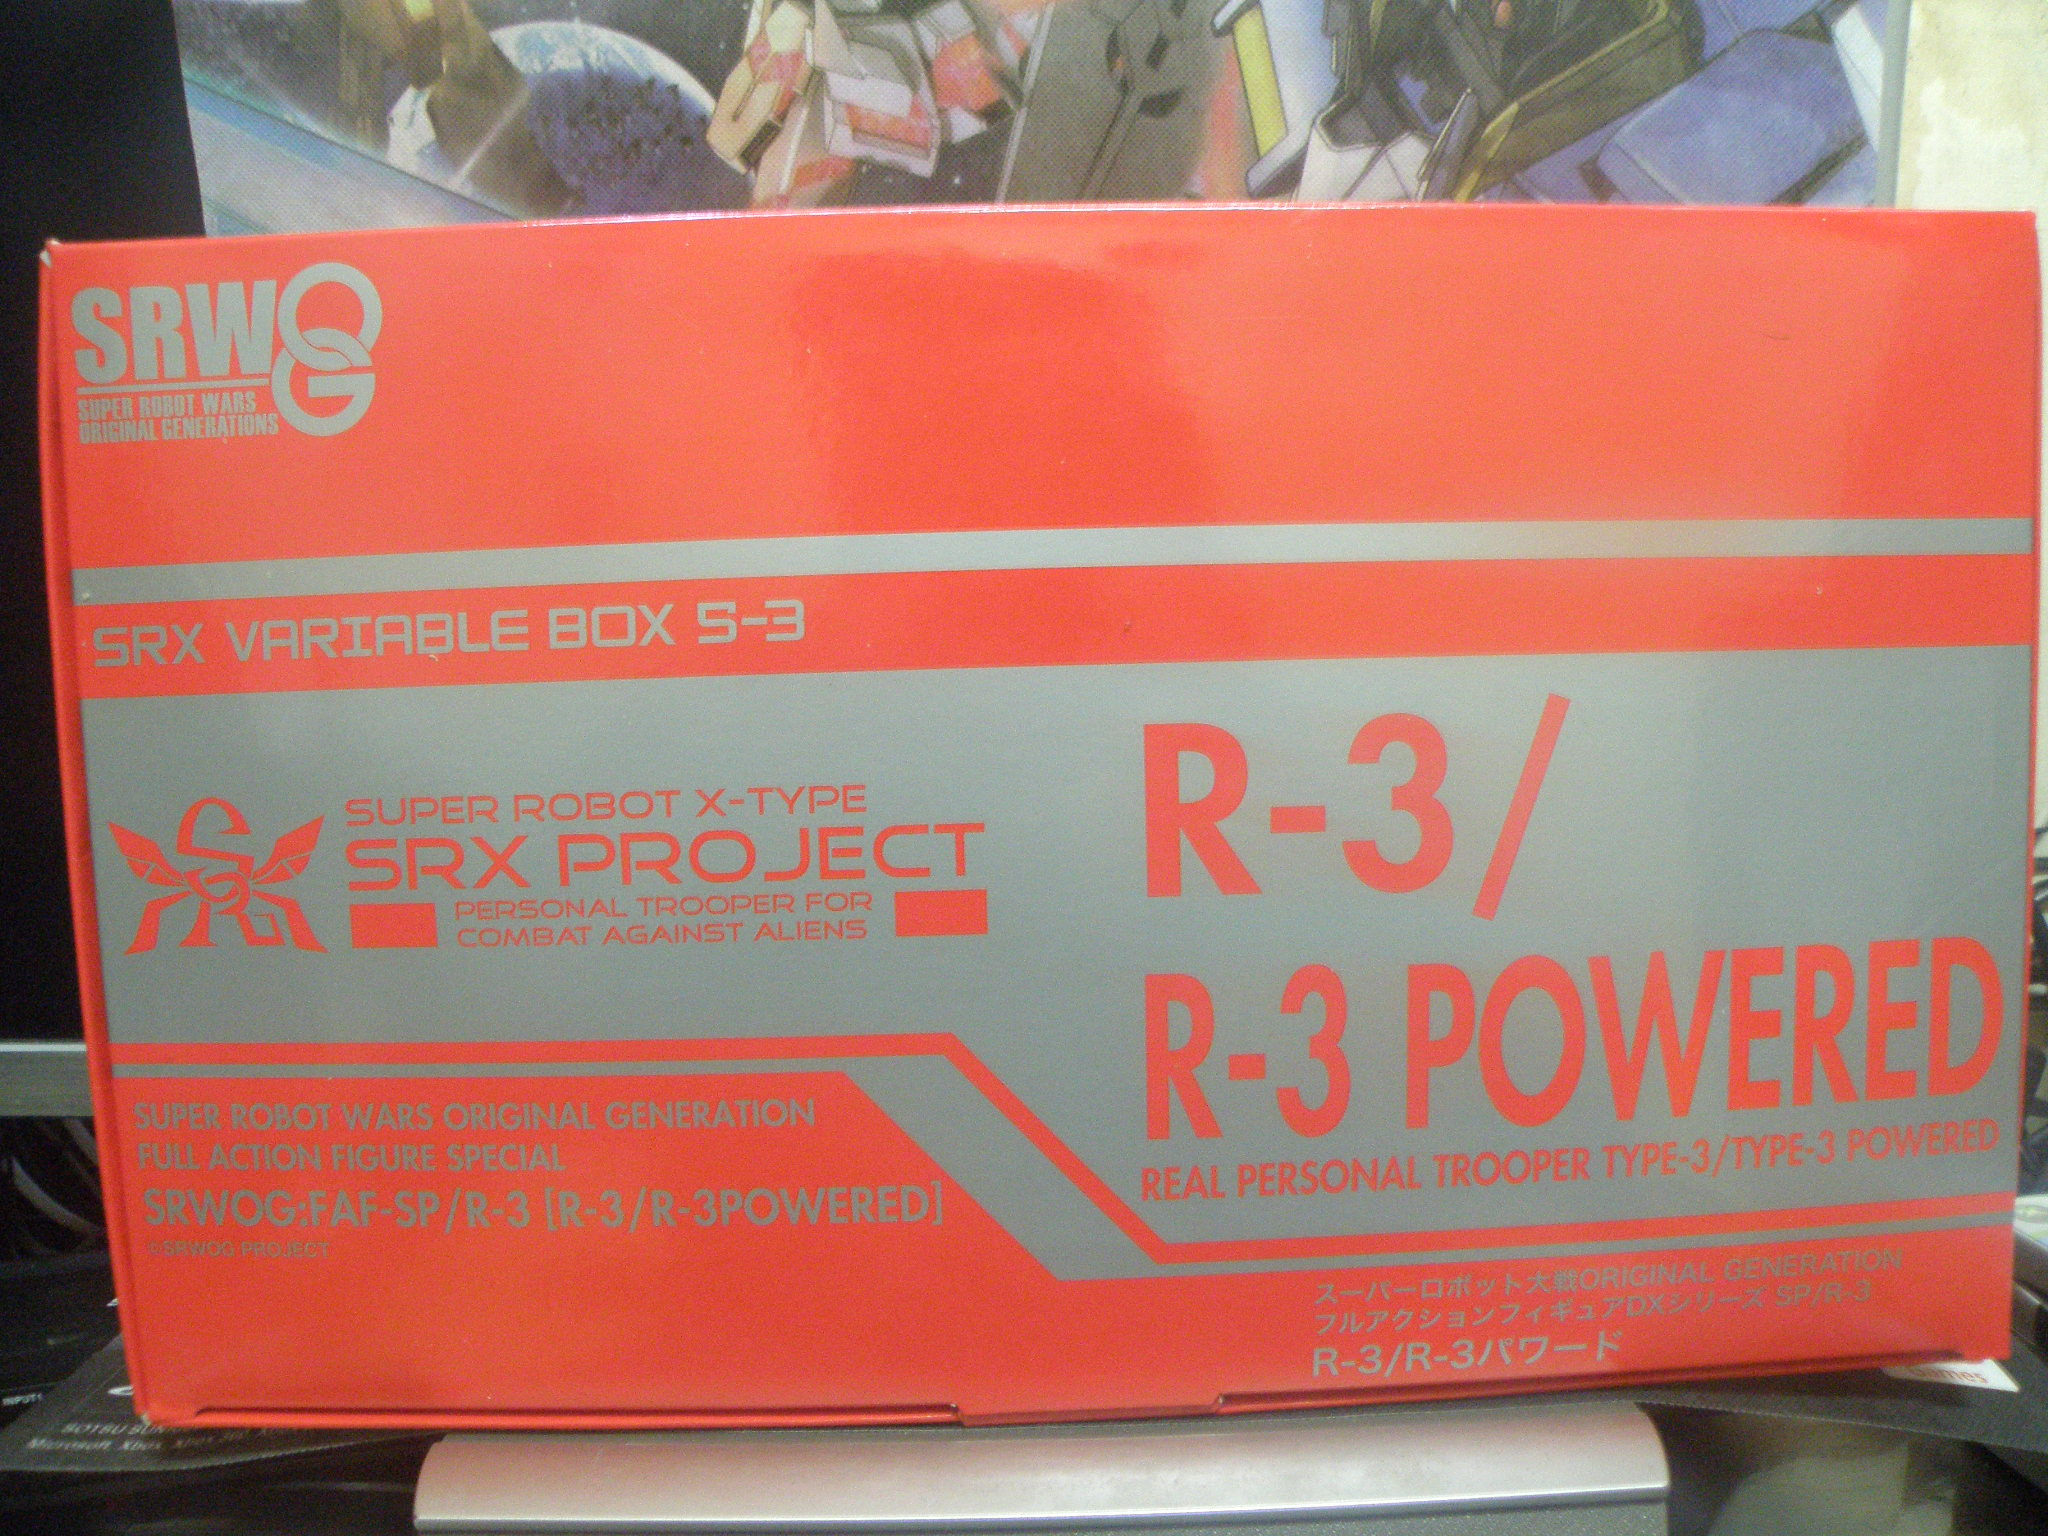 완전변형 SRX 파트3 R-3 파워드